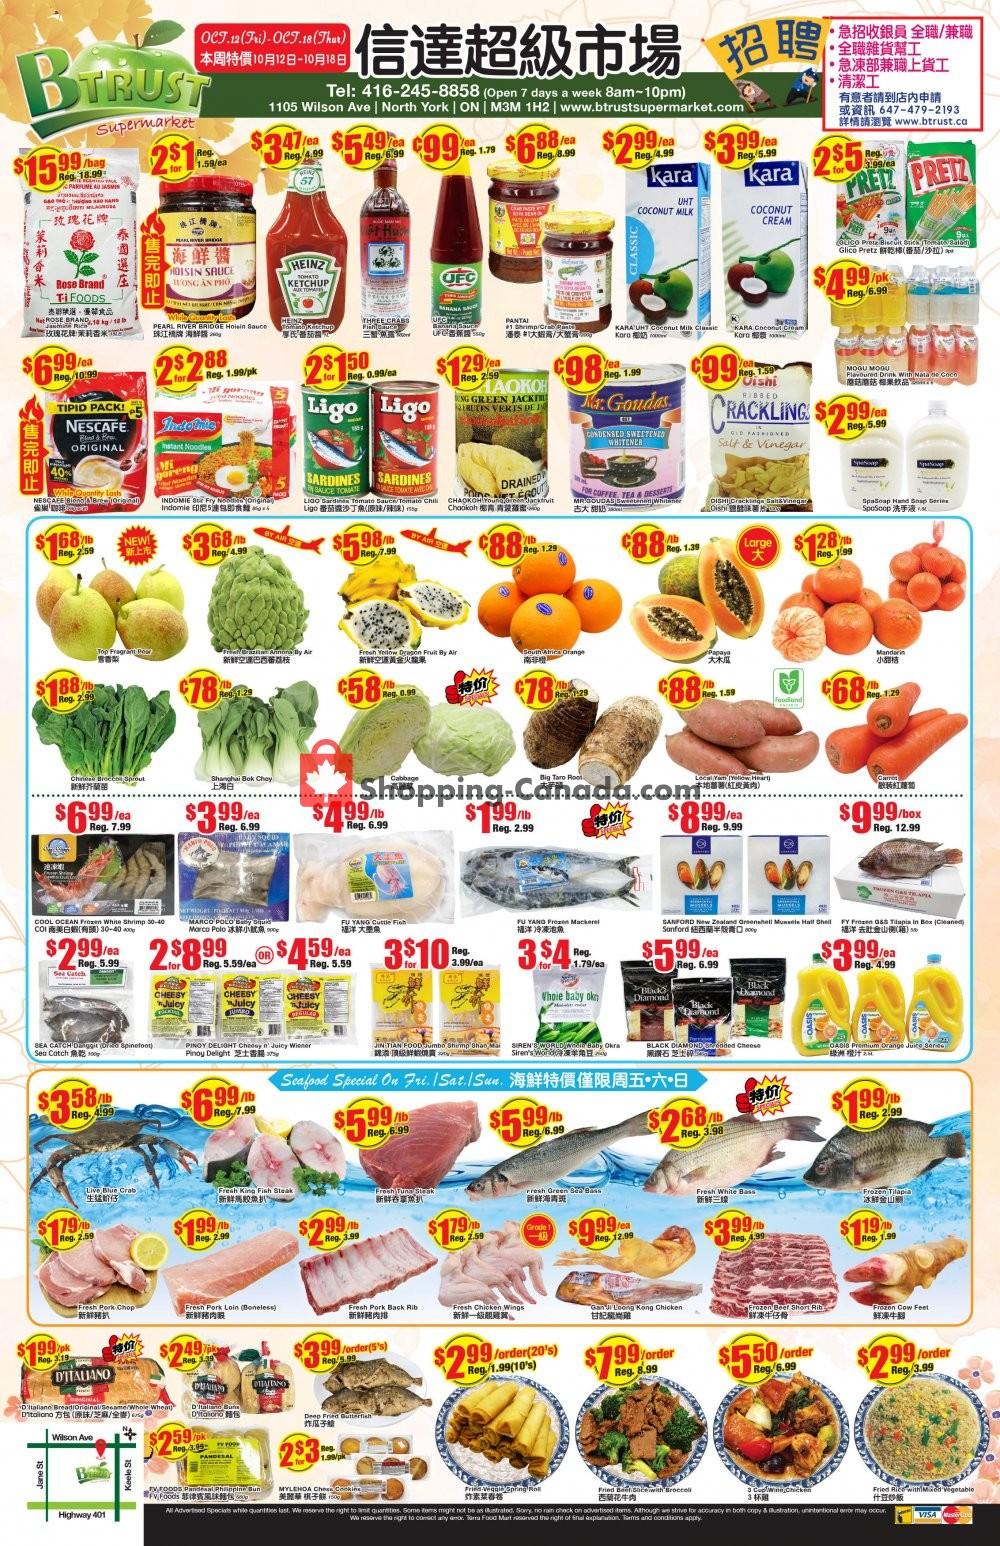 Flyer Btrust Supermarket Canada - from Friday October 12, 2018 to Thursday October 18, 2018